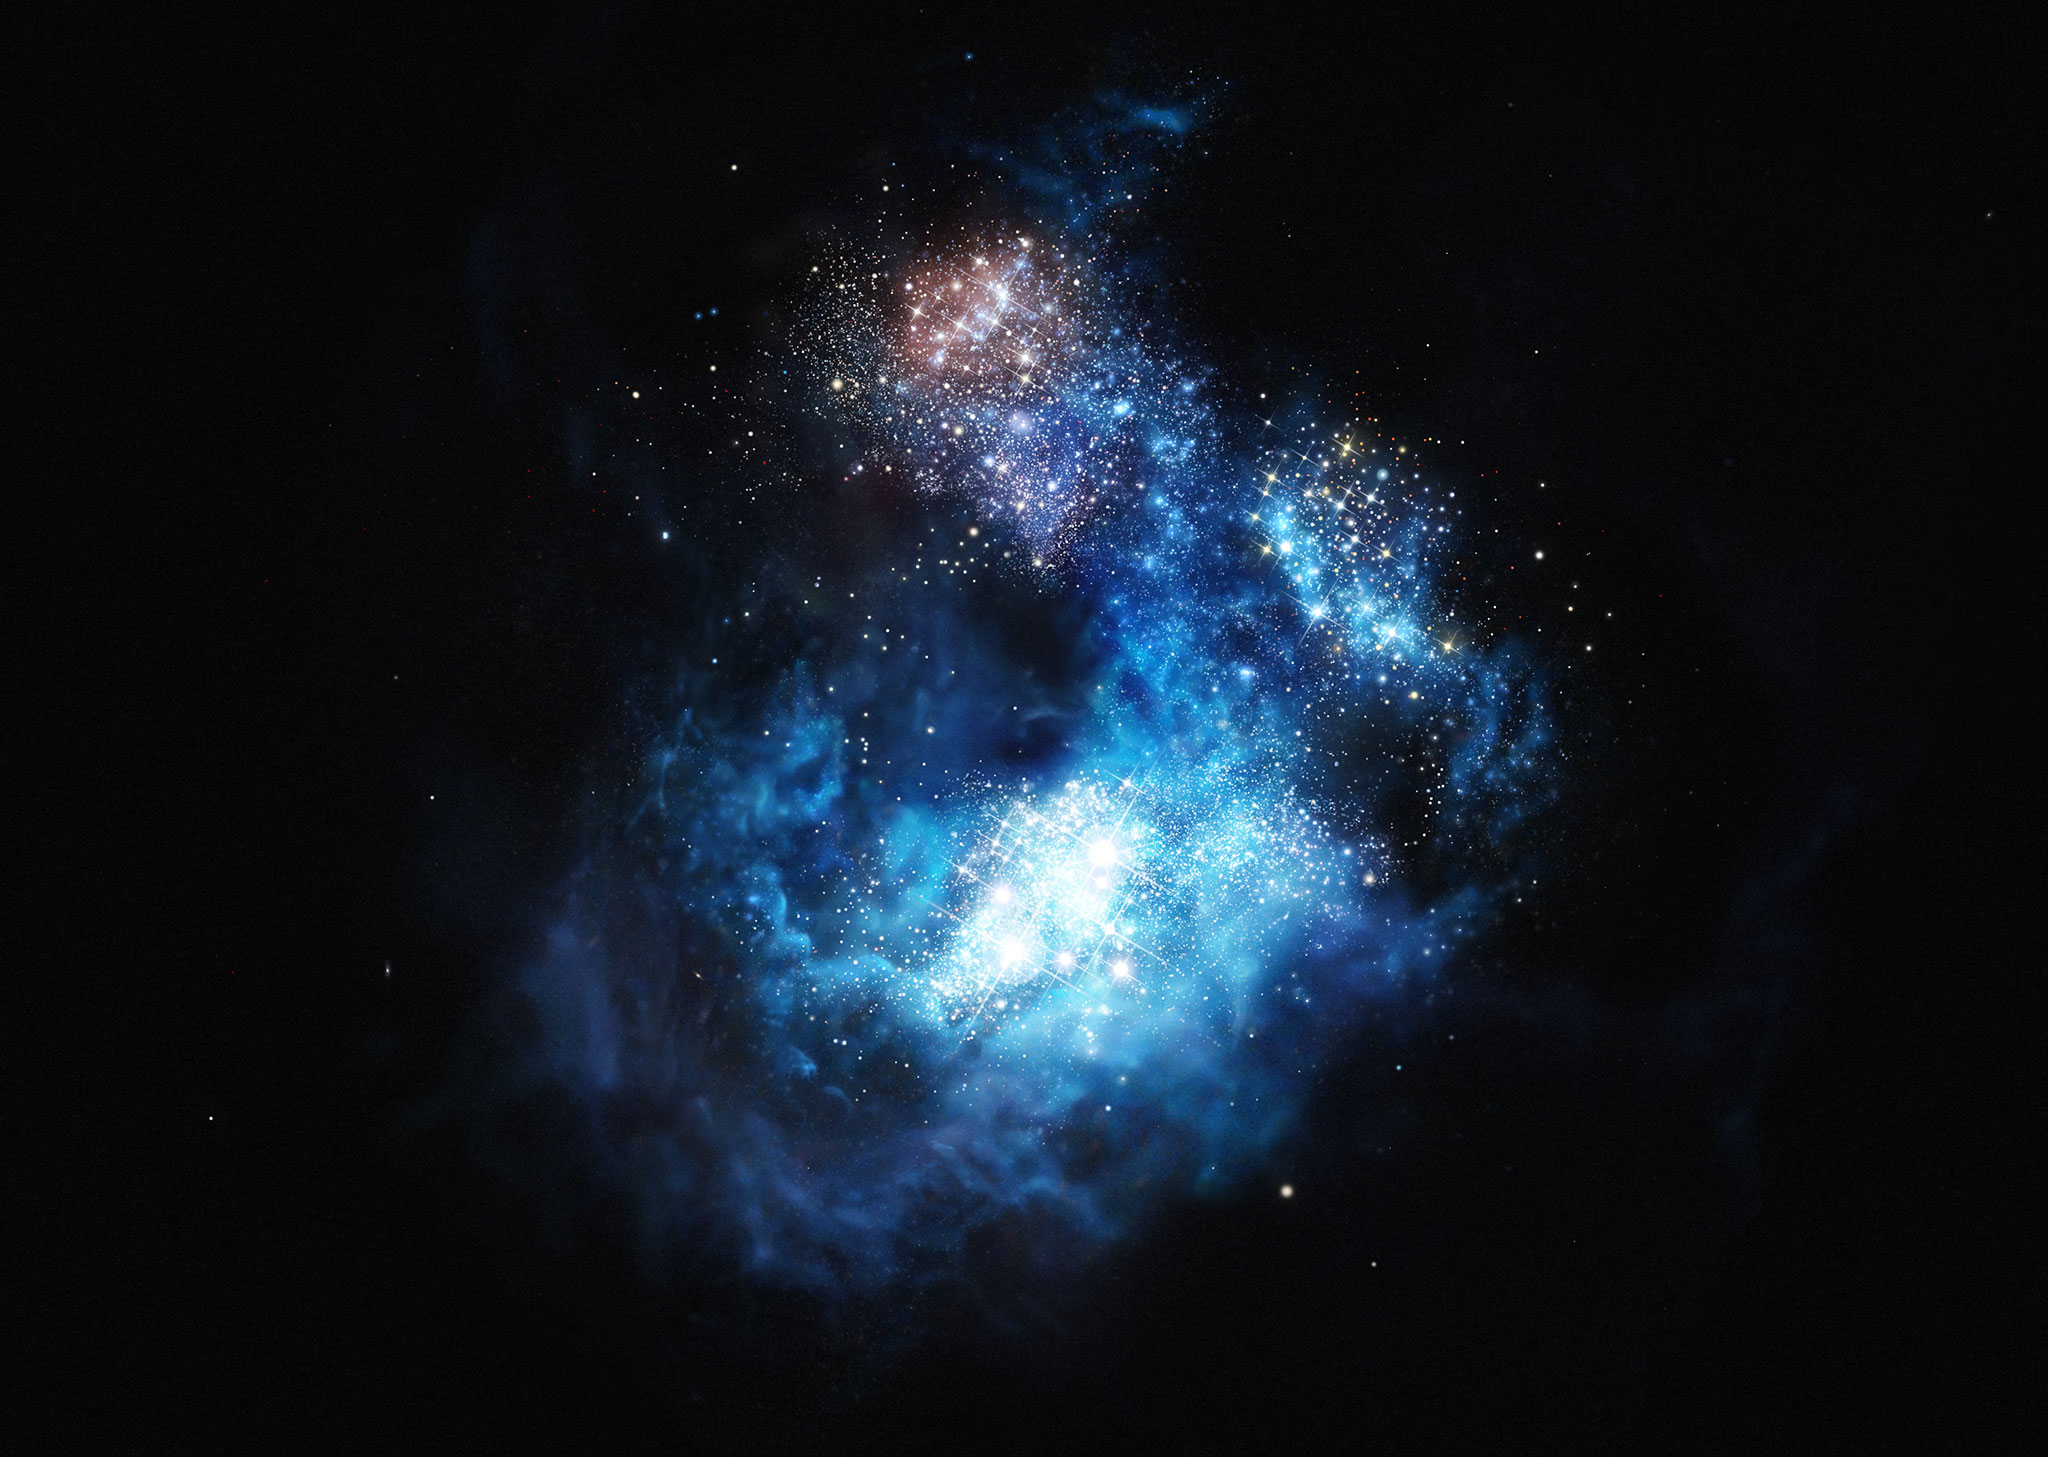 ظهور أدلة جديدة توحي بأن النجوم الأولى تشكلت أسرع بكثير مما توضحه نماذجنا للكون - كيف تشكات أولى النجوم في الكون - الانفجار العظيم